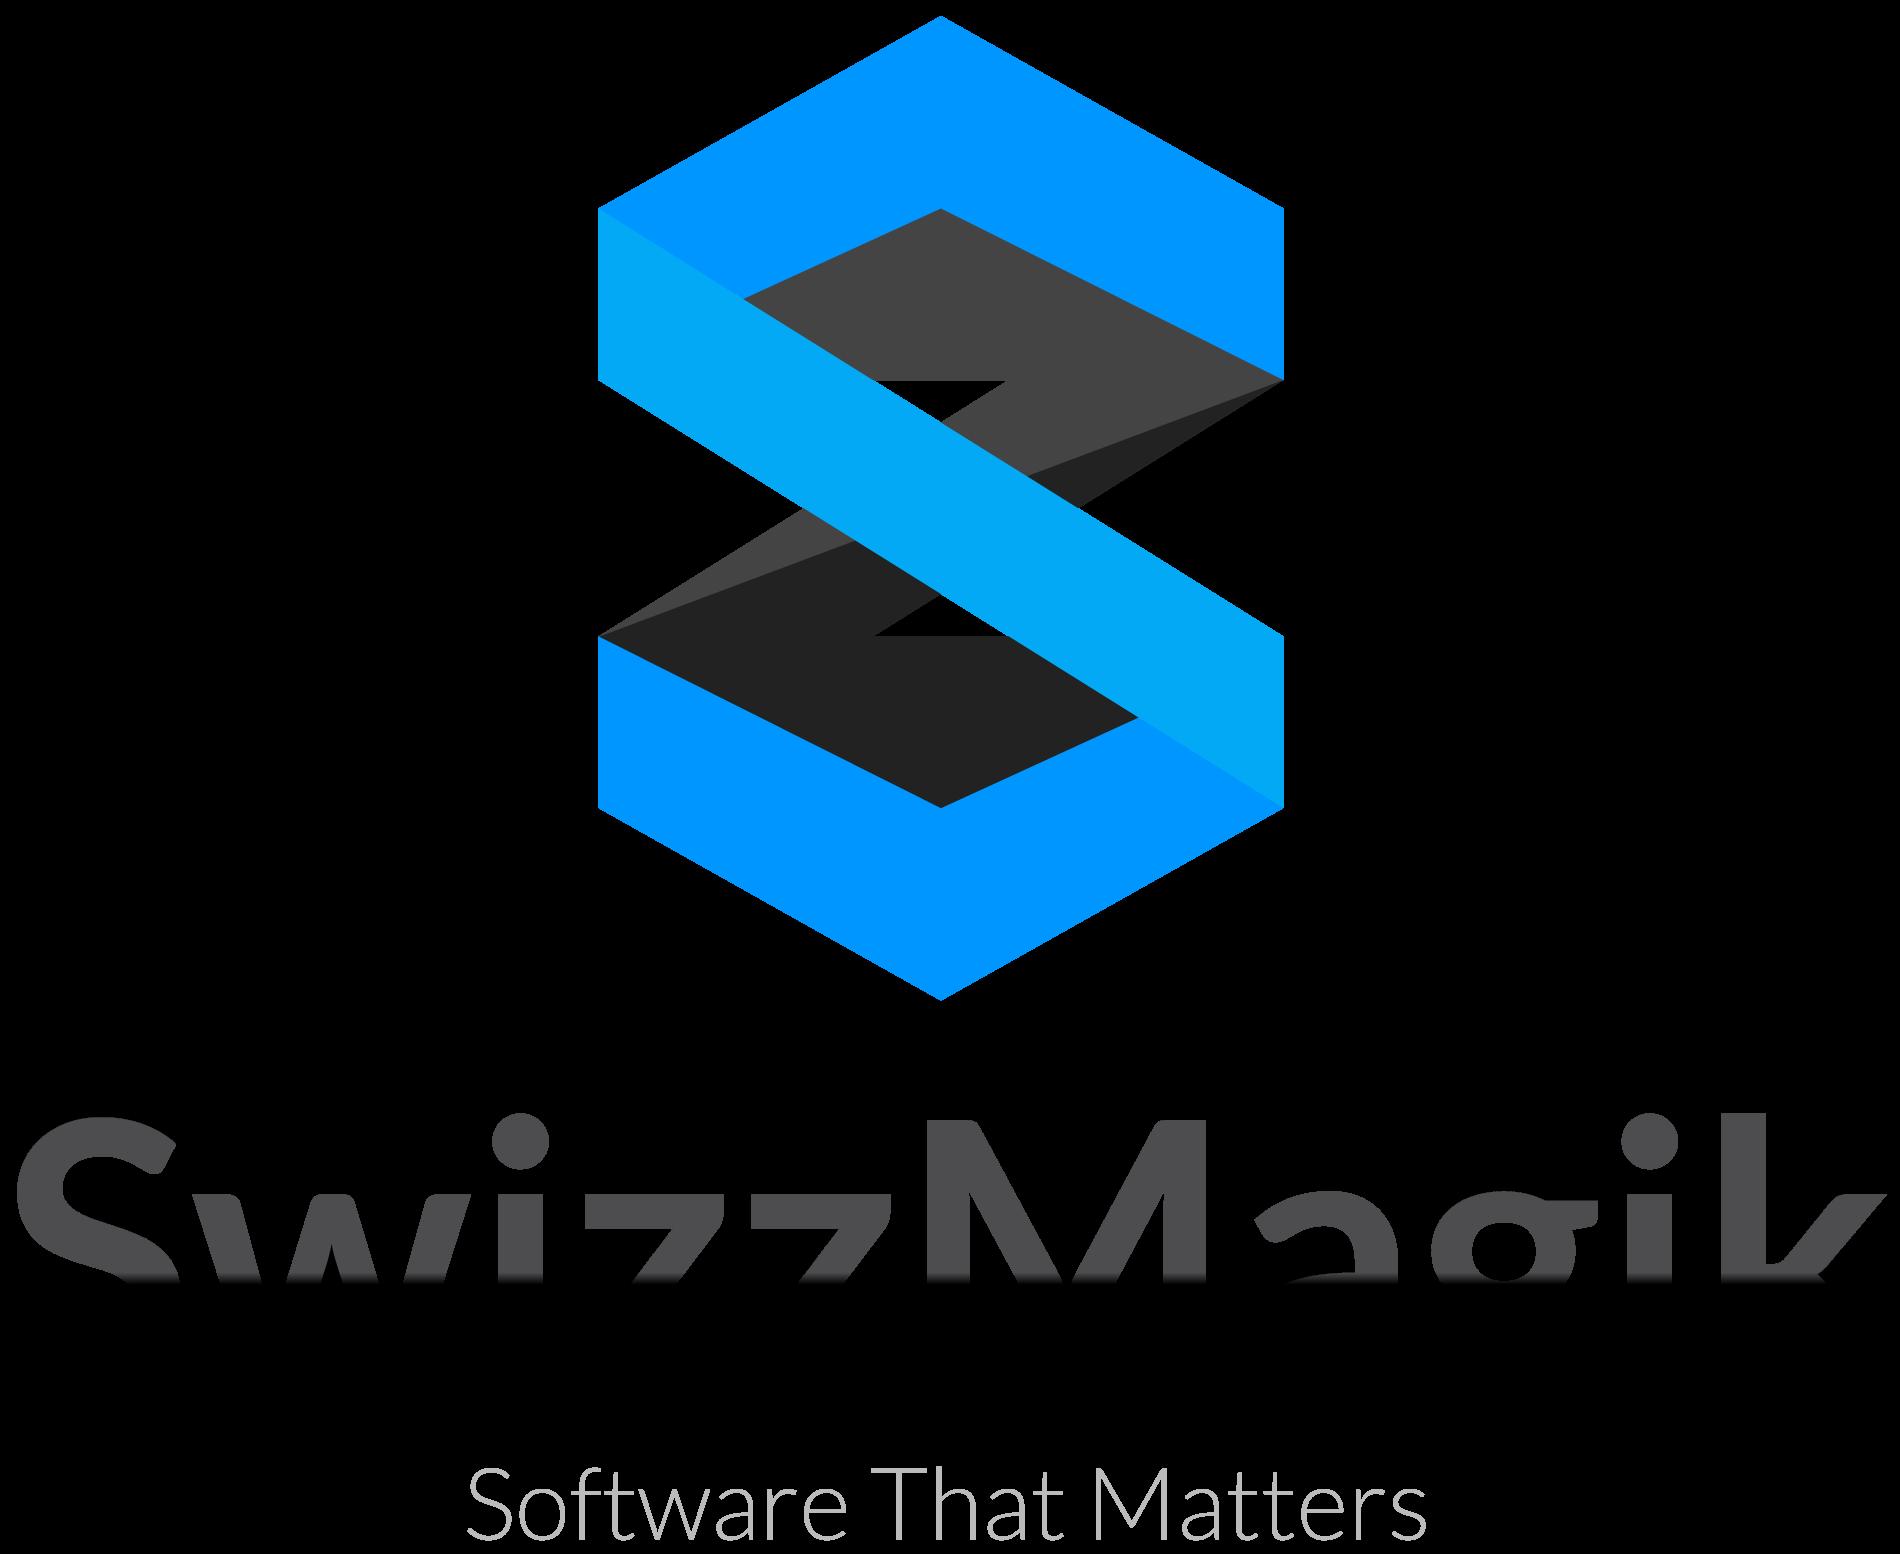 SwizzMagik Logo